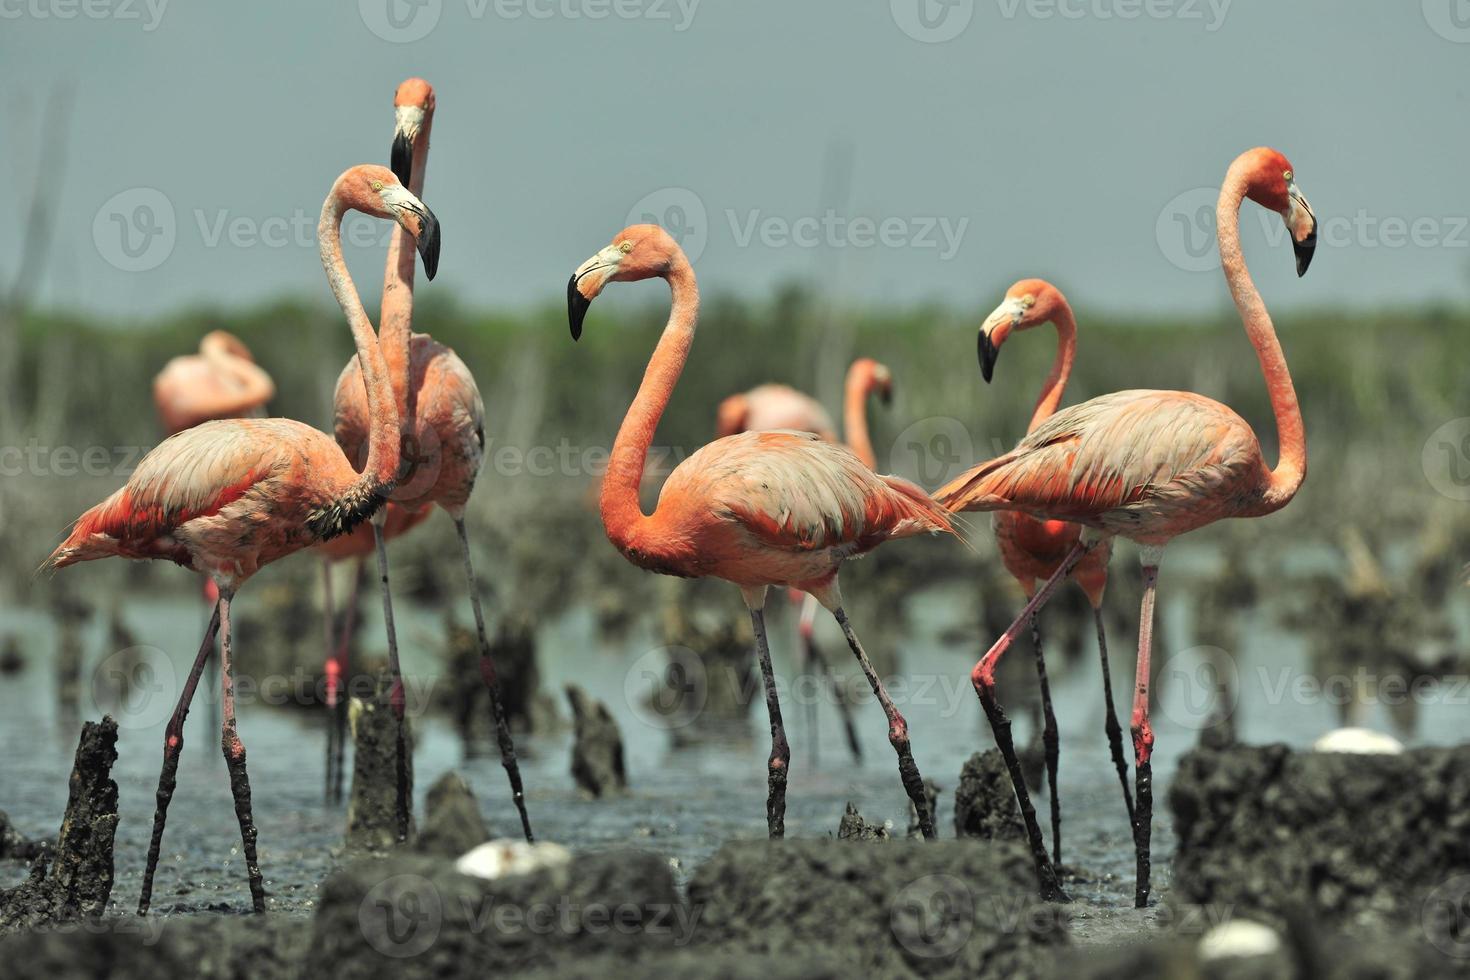 gran flamenco (phoenicopterus ruber) foto